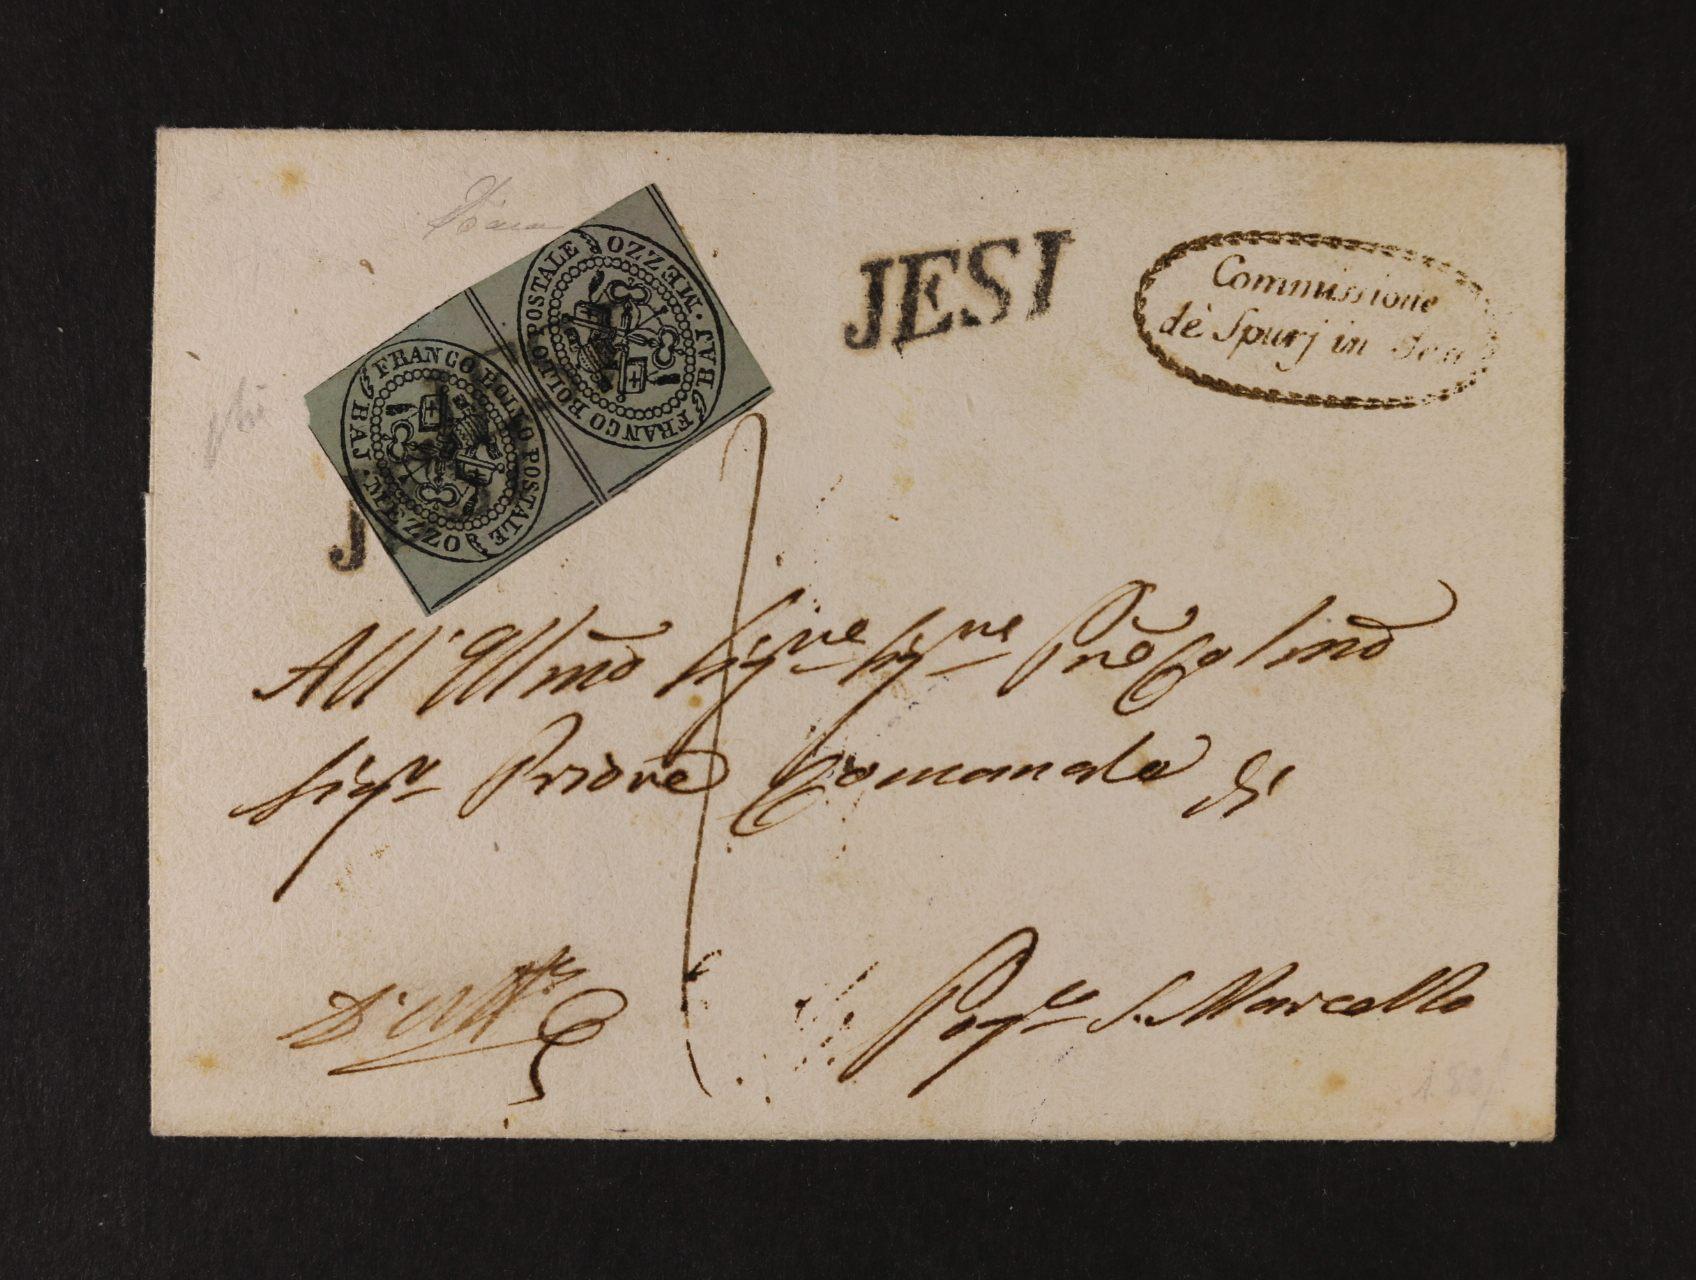 Církevní stát - skl. dopis frank. dvoupáskou zn. Sassone č. 1f TETE - B E C H E !!, pod. řádkové raz. JESI, datace v textu dopisu 27.DIC.1852, jedná se o jednu z největších rarit evropské filatelie, známo jen několik dopisů, v této kvalitě ojedinělé, kat. Sassone 180000 EUR, zk. Diena, atest Dr. Helmuth Avi